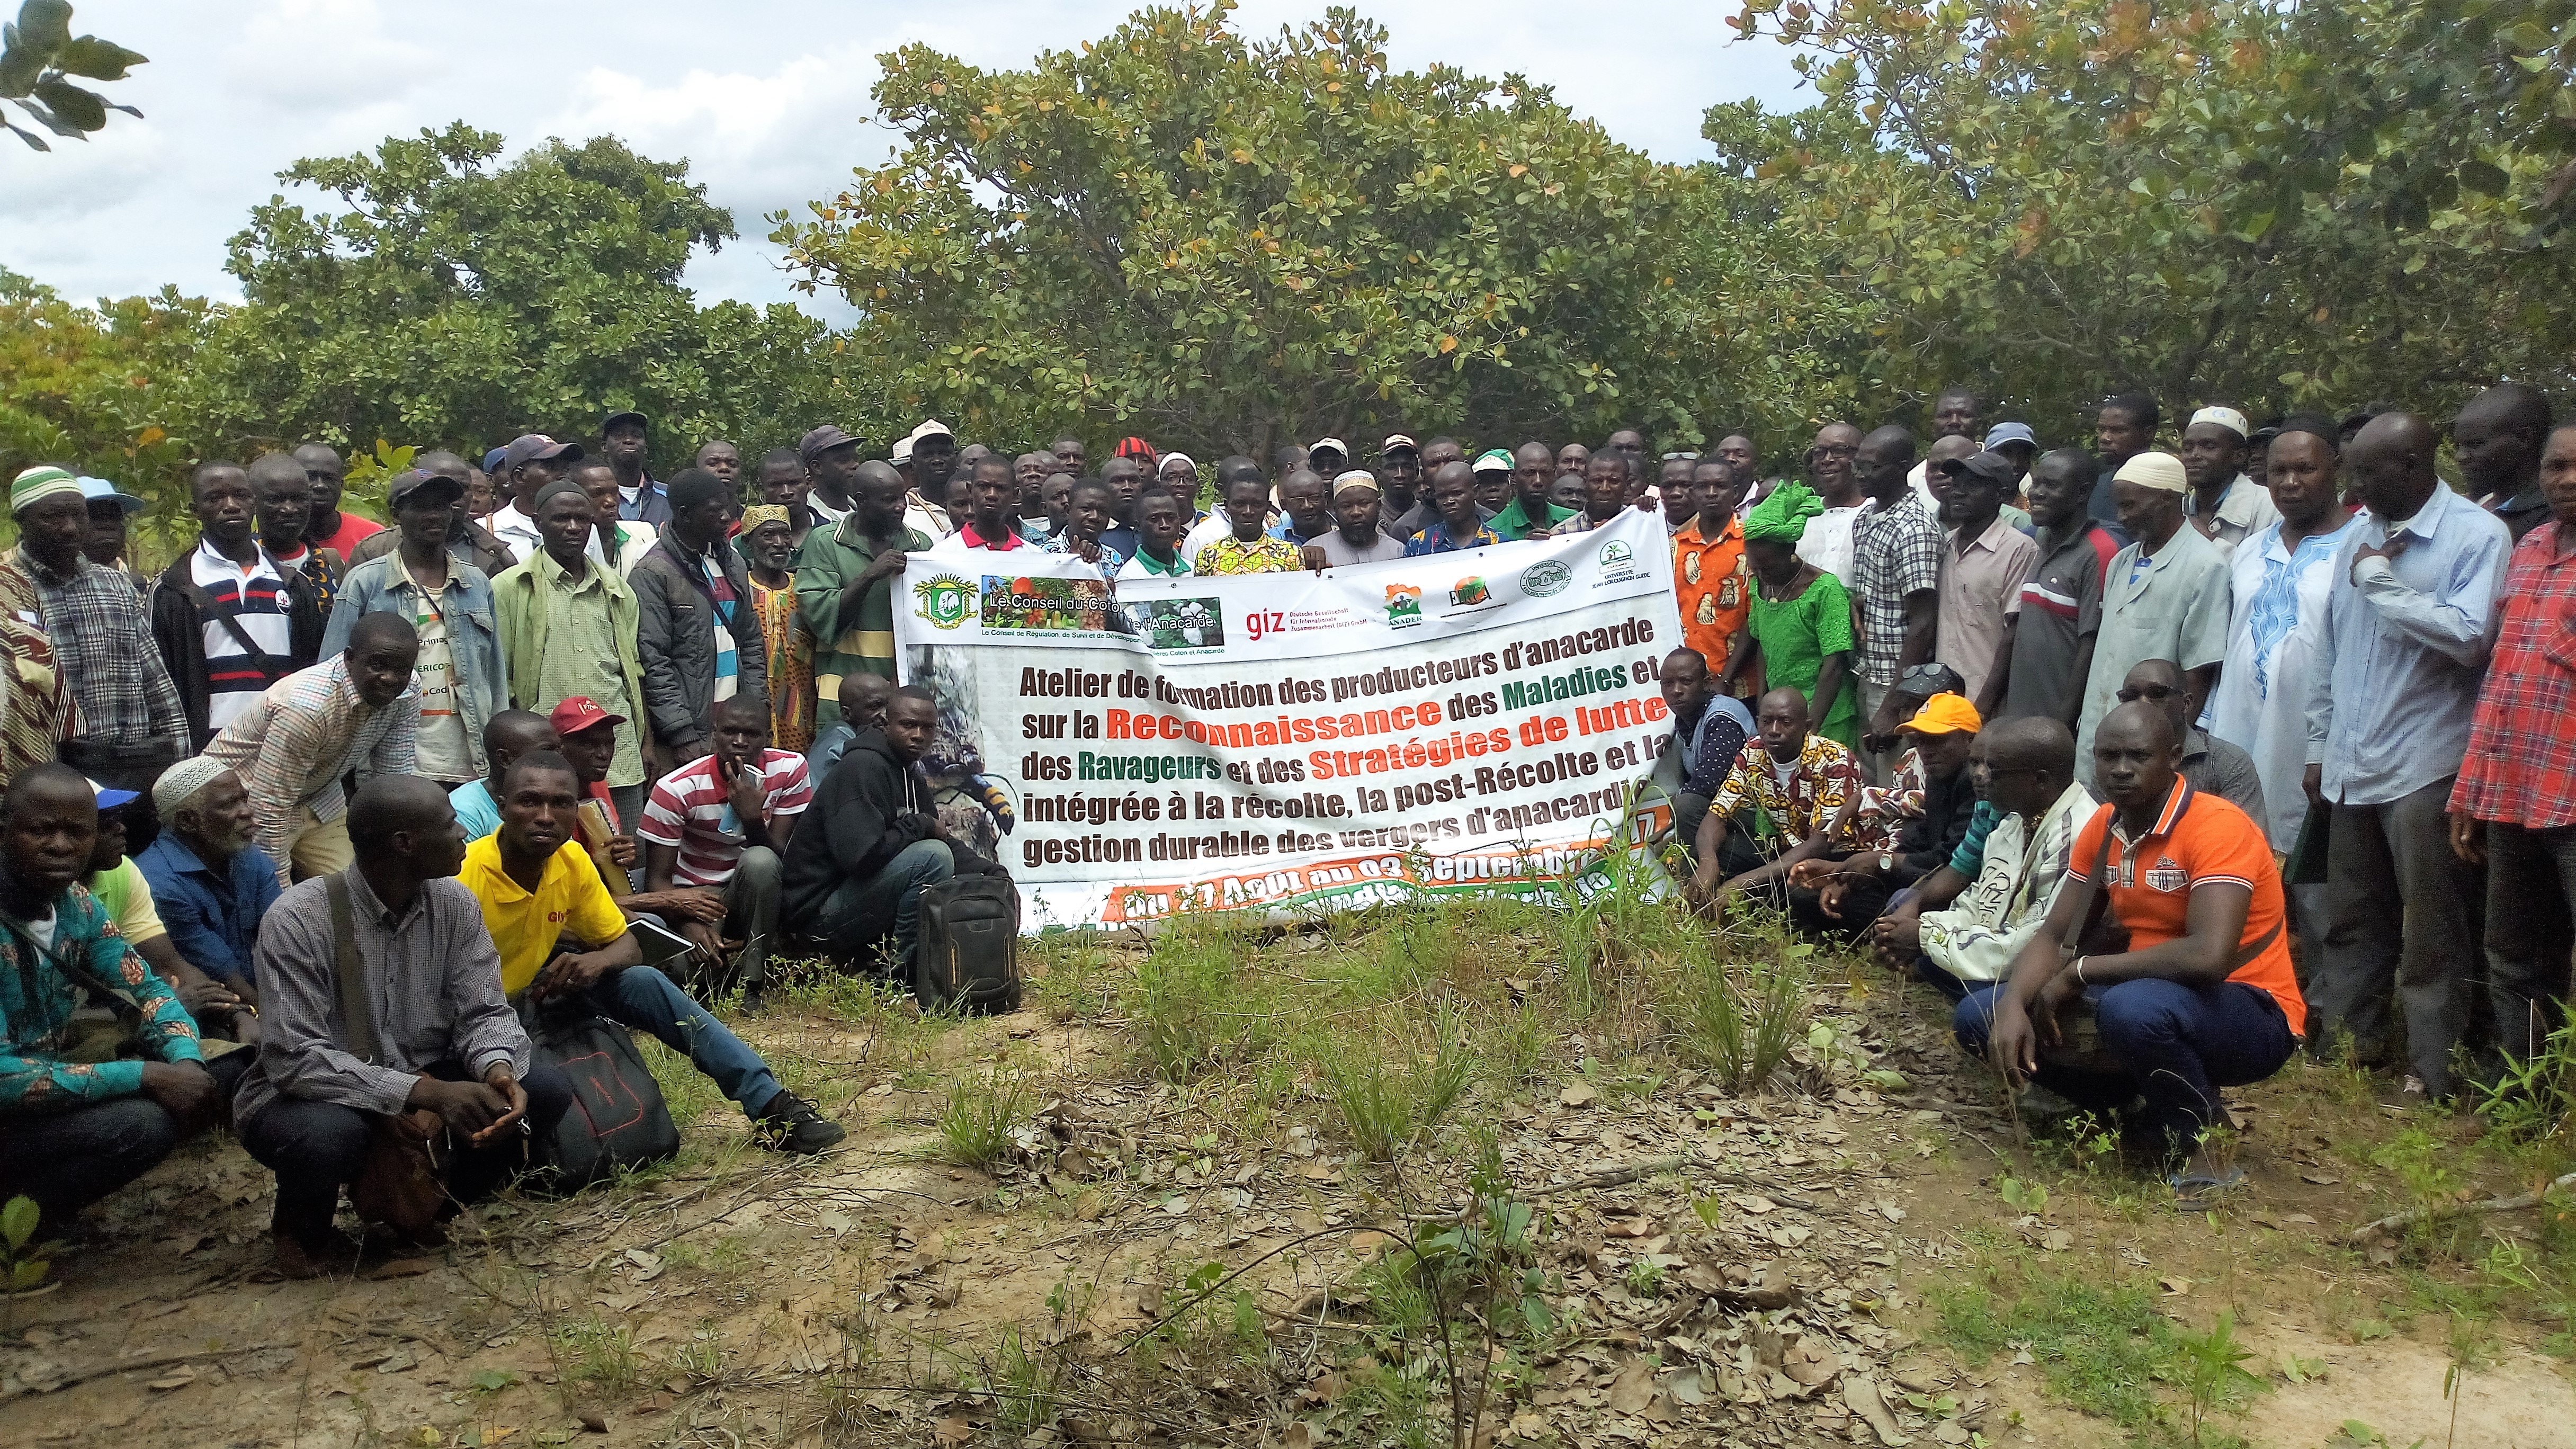 Le Conseil du Coton et de l'Anacarde forme 300 producteurs sur la gestion durable des maladies et ravageurs à Odienné, Boundiali et Korhogo